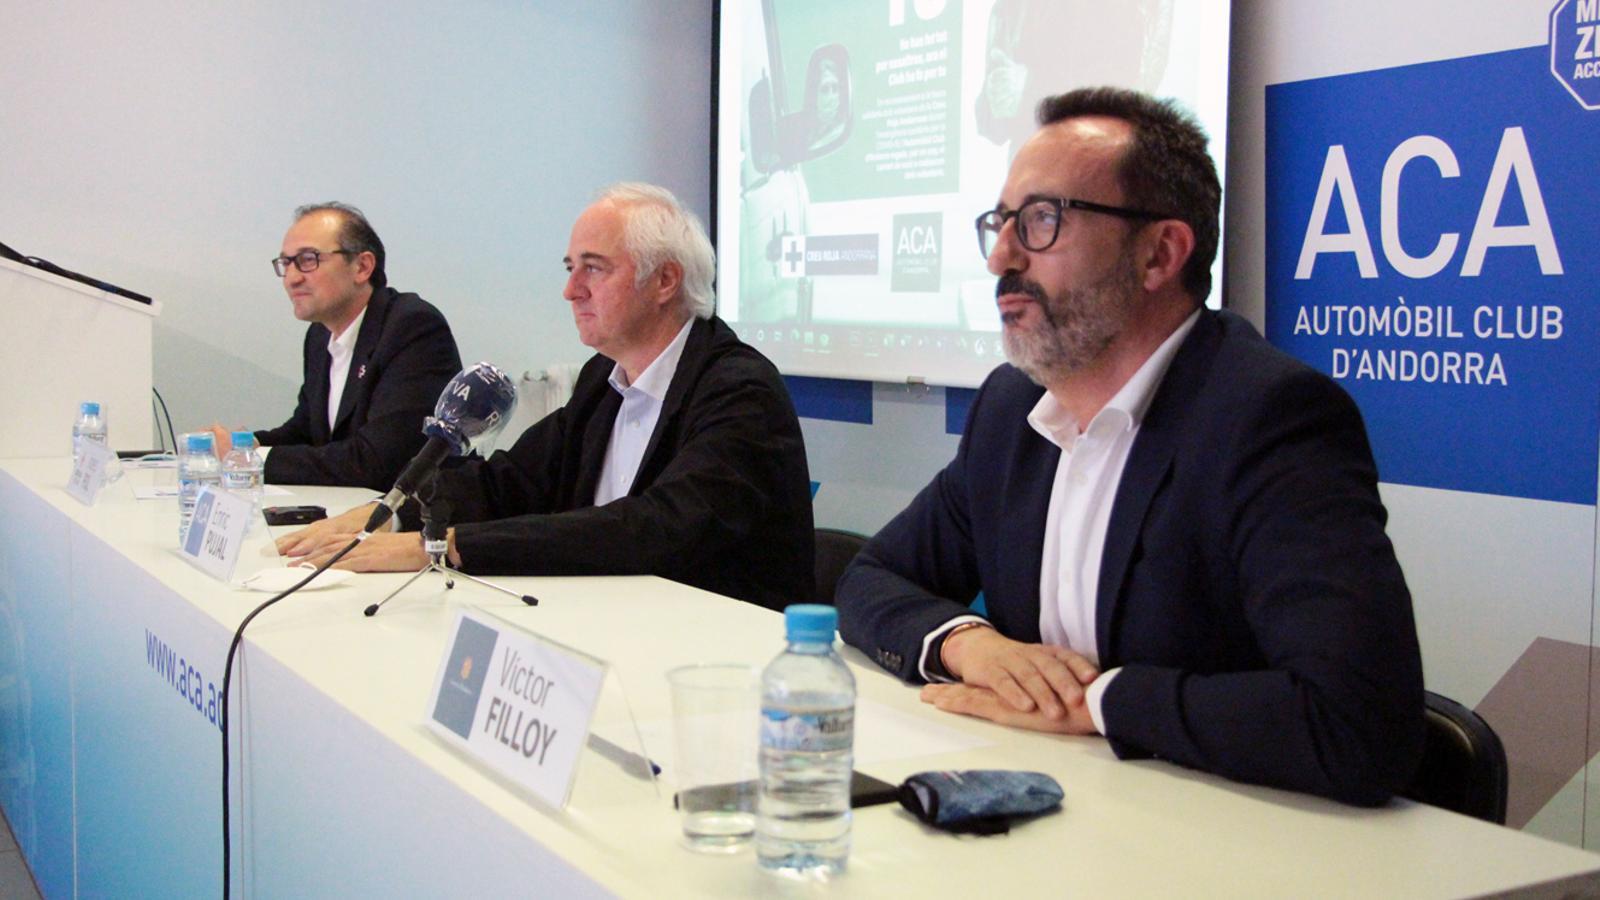 El president de la Creu Roja Andorrana, Josep Pol; el president de l'ACA, Enric Pujal, i el ministre d'Afers Socials, Habitatge i Joventut, Víctor Filloy, durant la roda de premsa celebrada aquest dimecres. / M. P. (ANA)